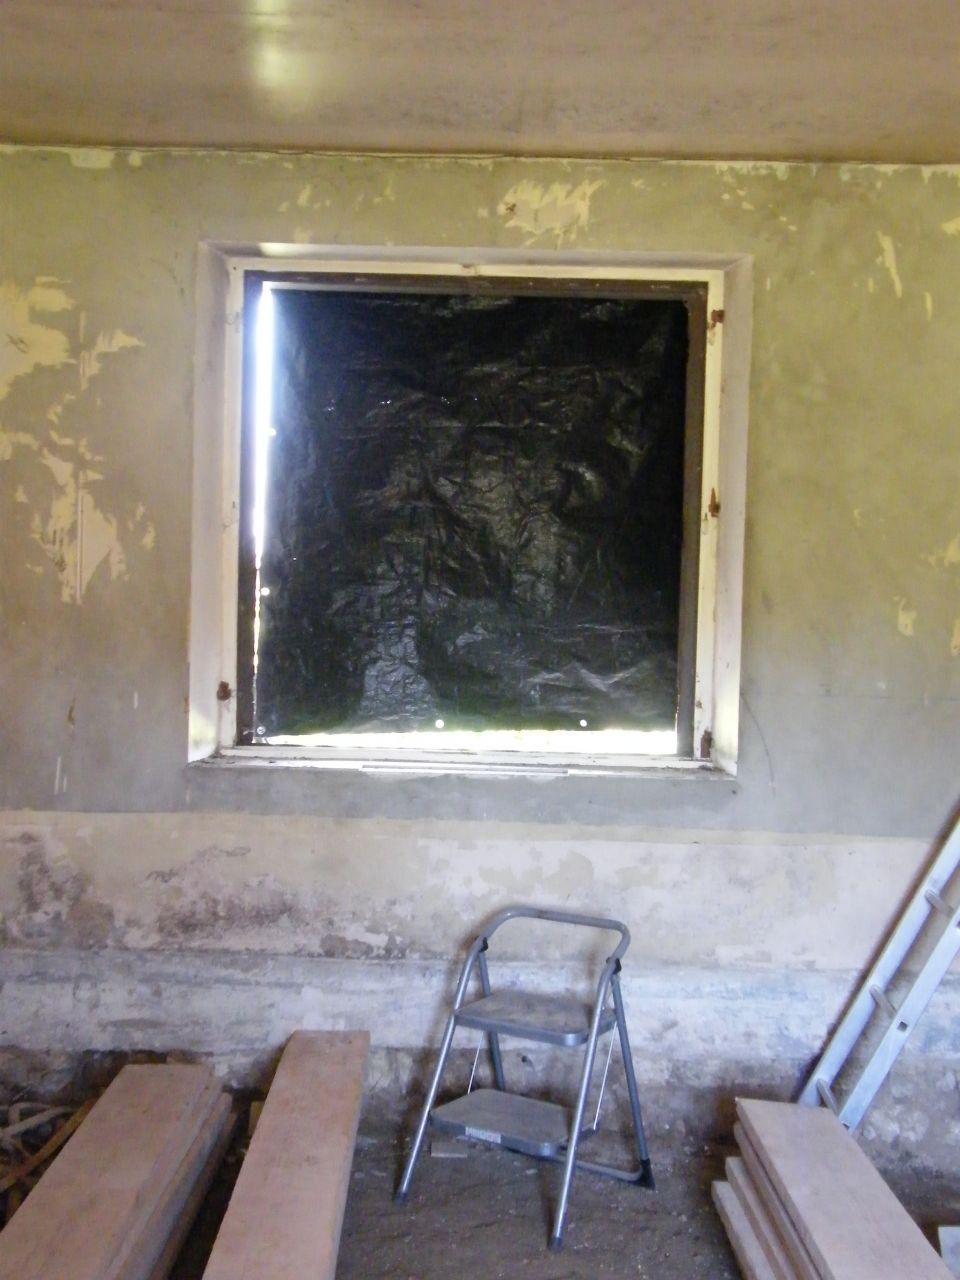 Modif fenêtre avant travaux